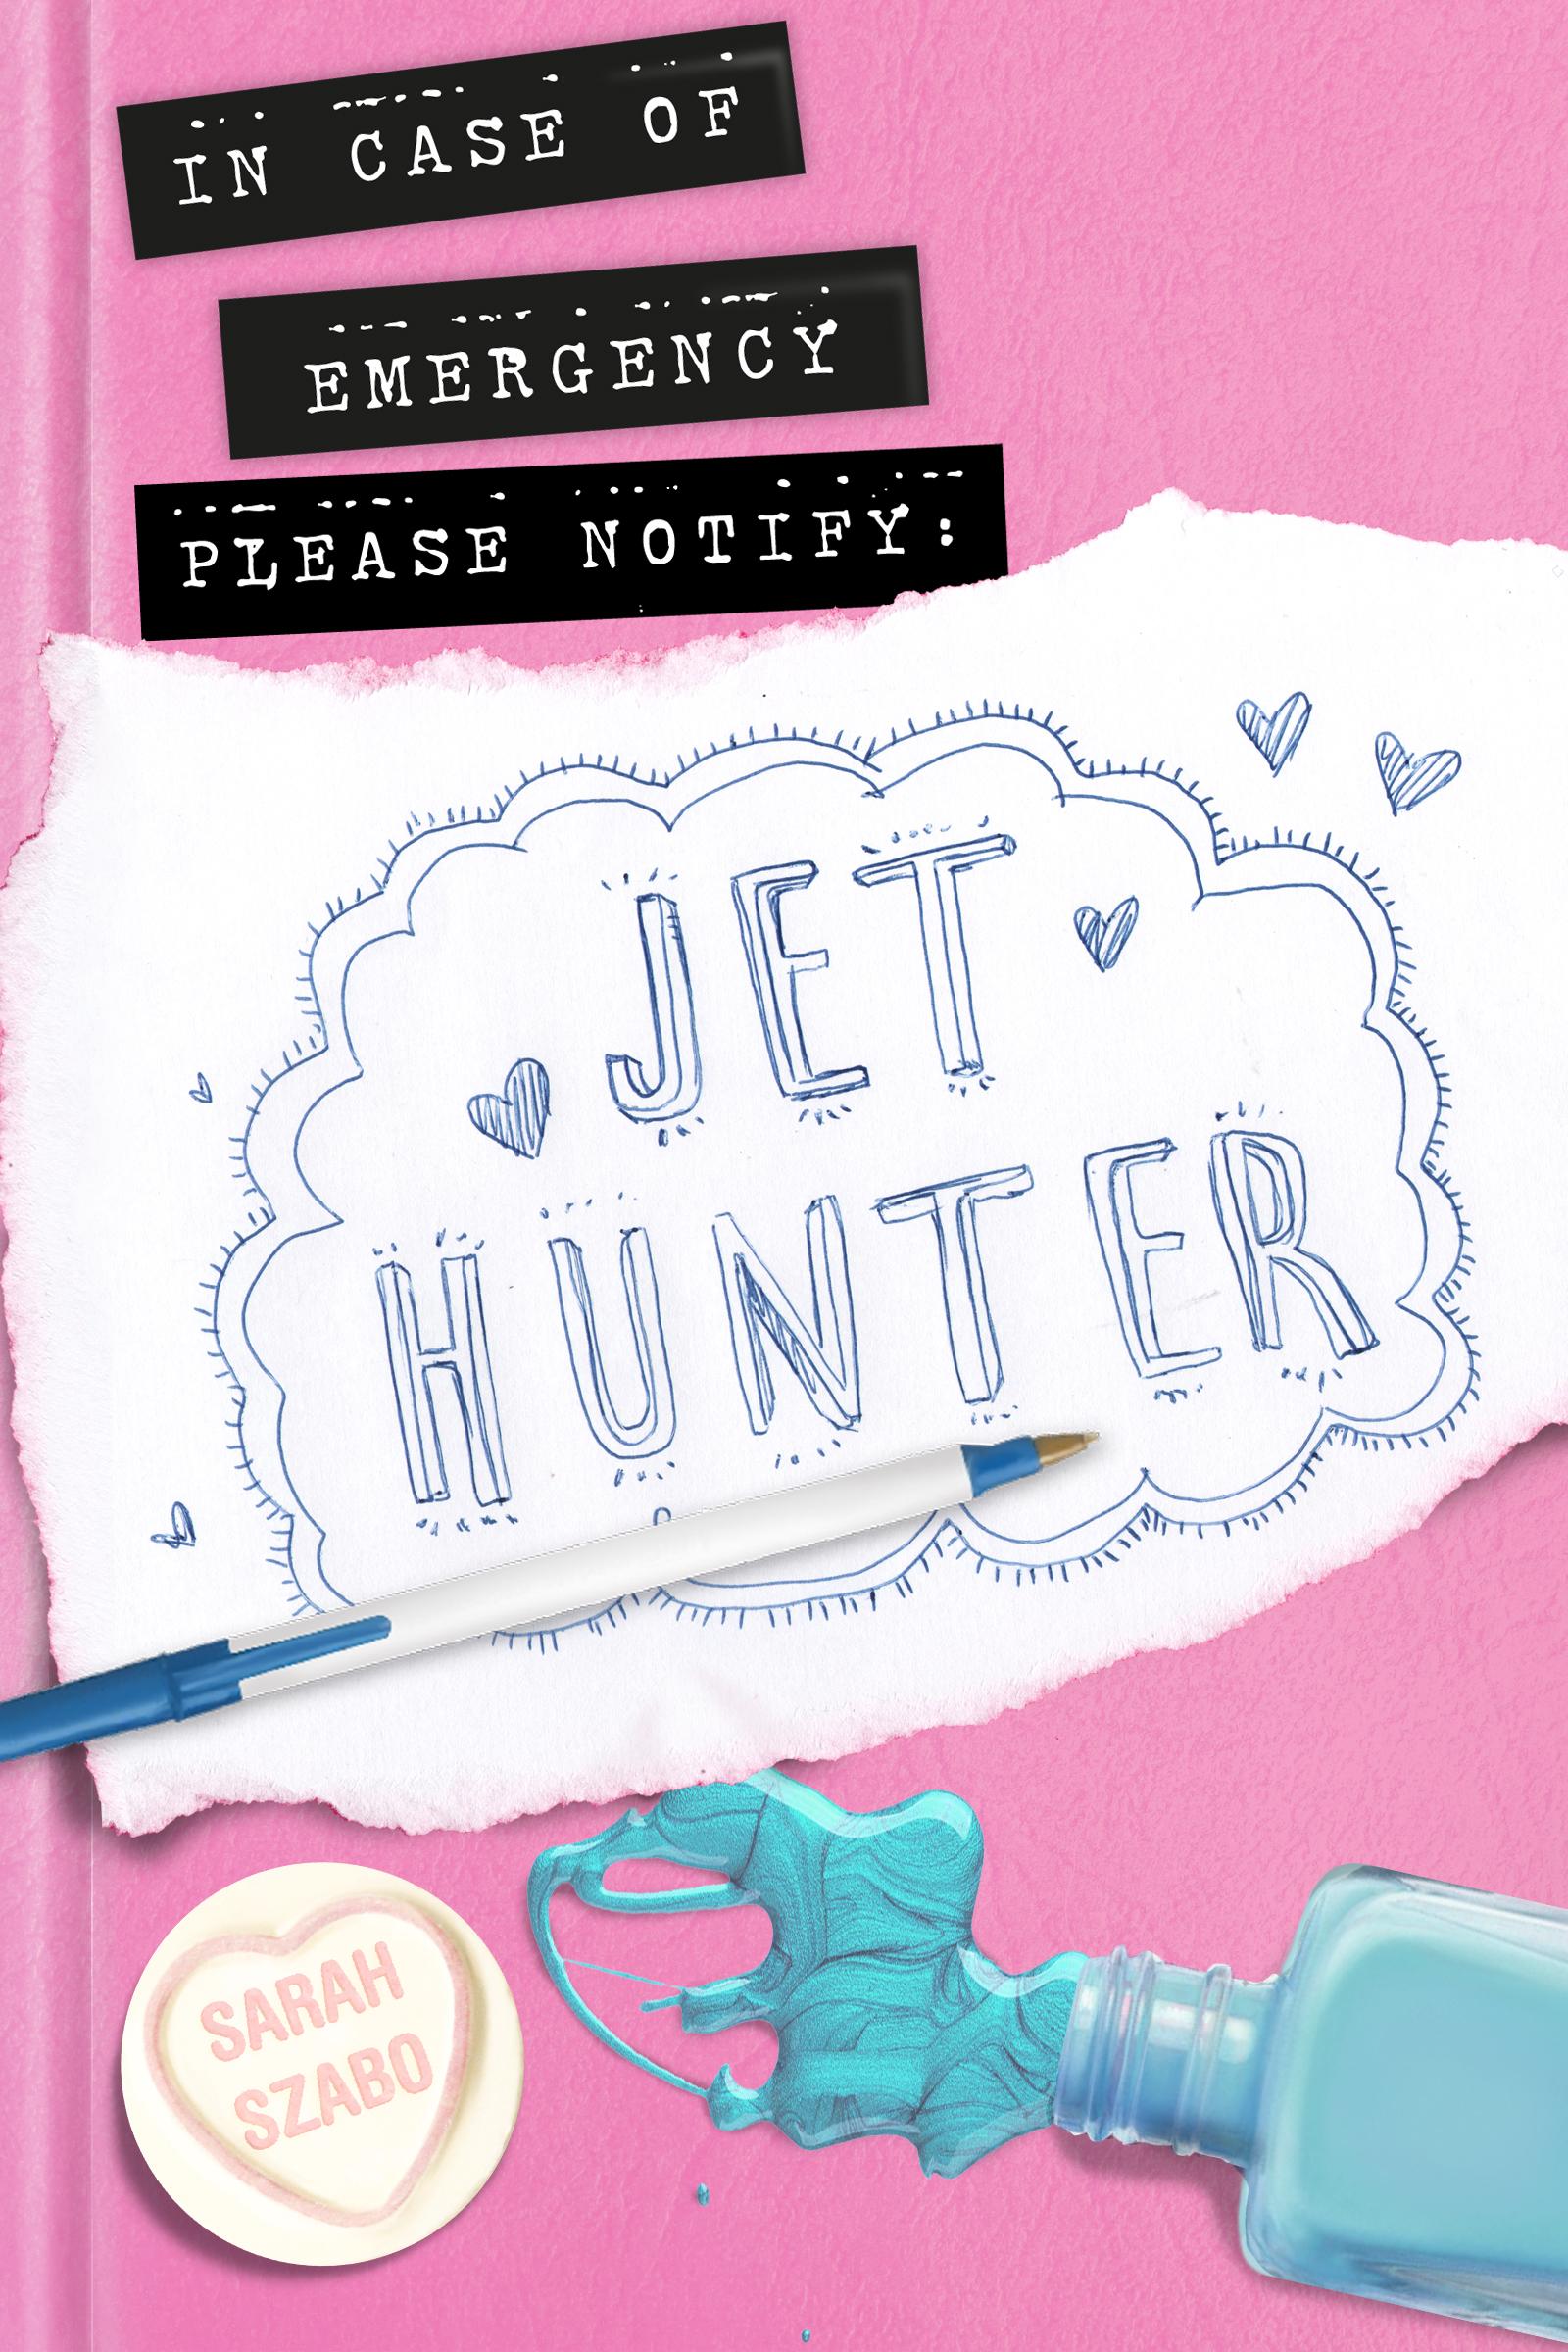 Sarah Szabo - In Case Of Emergency Please Notify: Jet Hunter